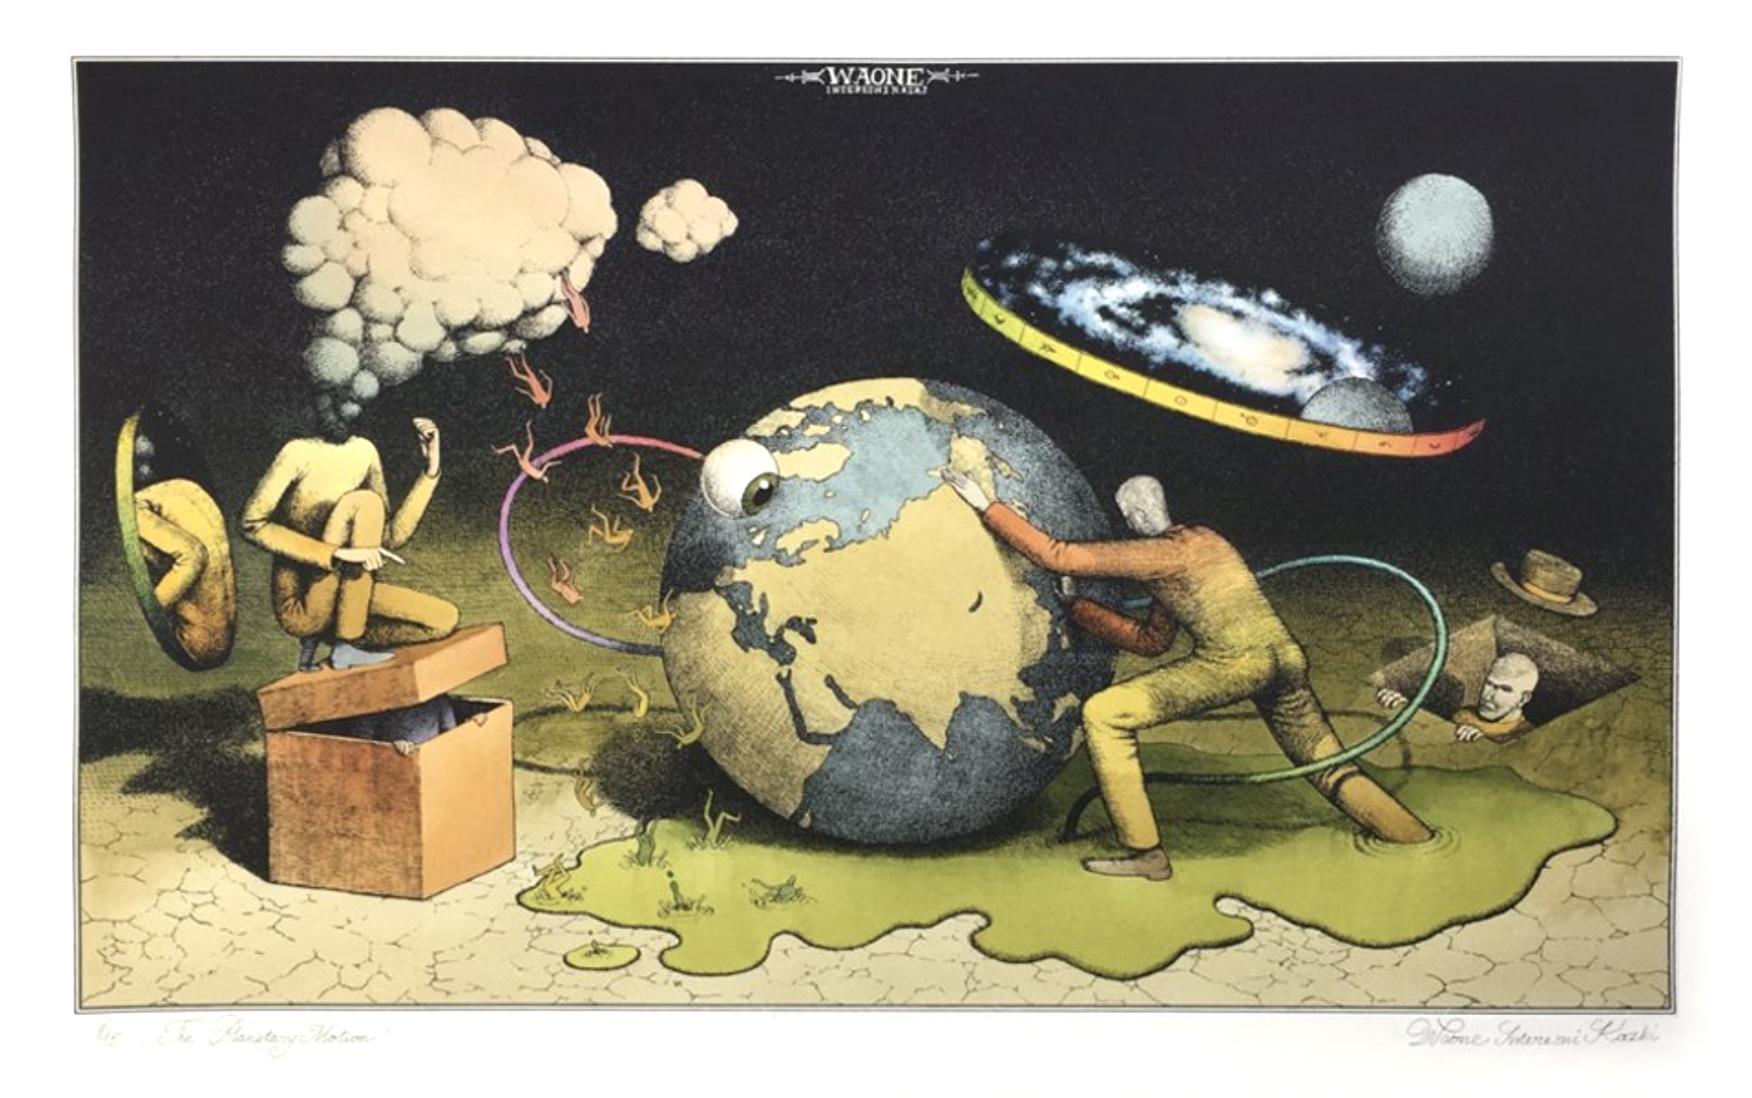 'The Planetary Motion' Waone Interesni Kazki